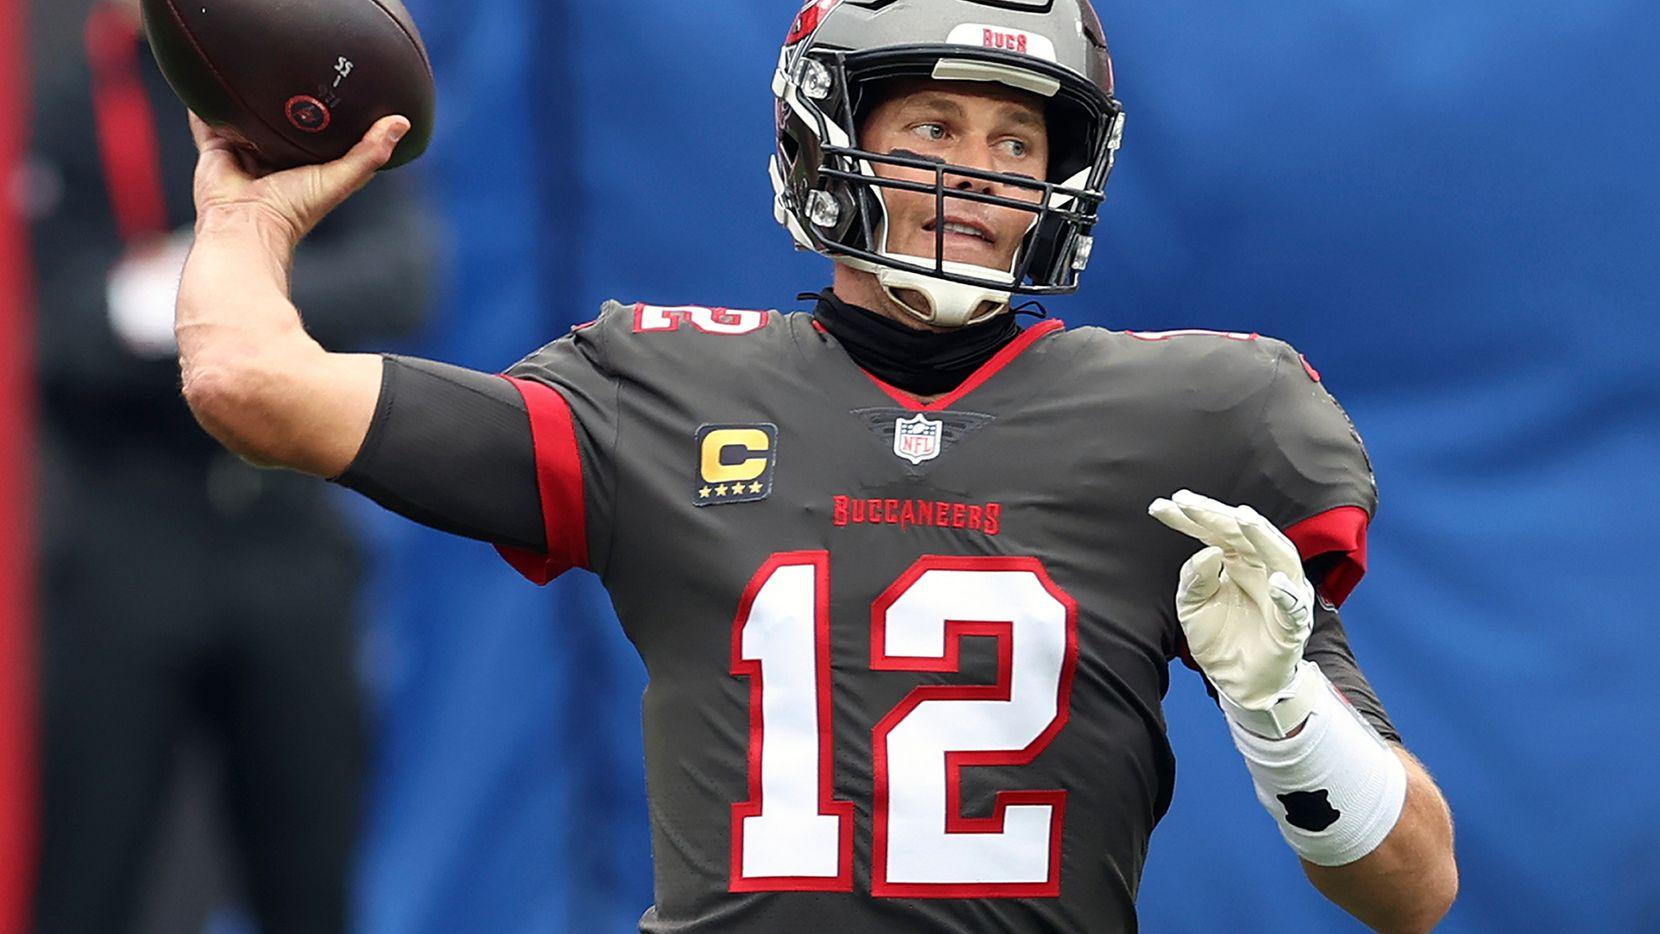 El mariscal de los Buccaneers de Tampa Bay, Tom Brady, lanza un pase contra los Falcons de Atlanta, el 3 de enero de 2021 en Tampa Bay.